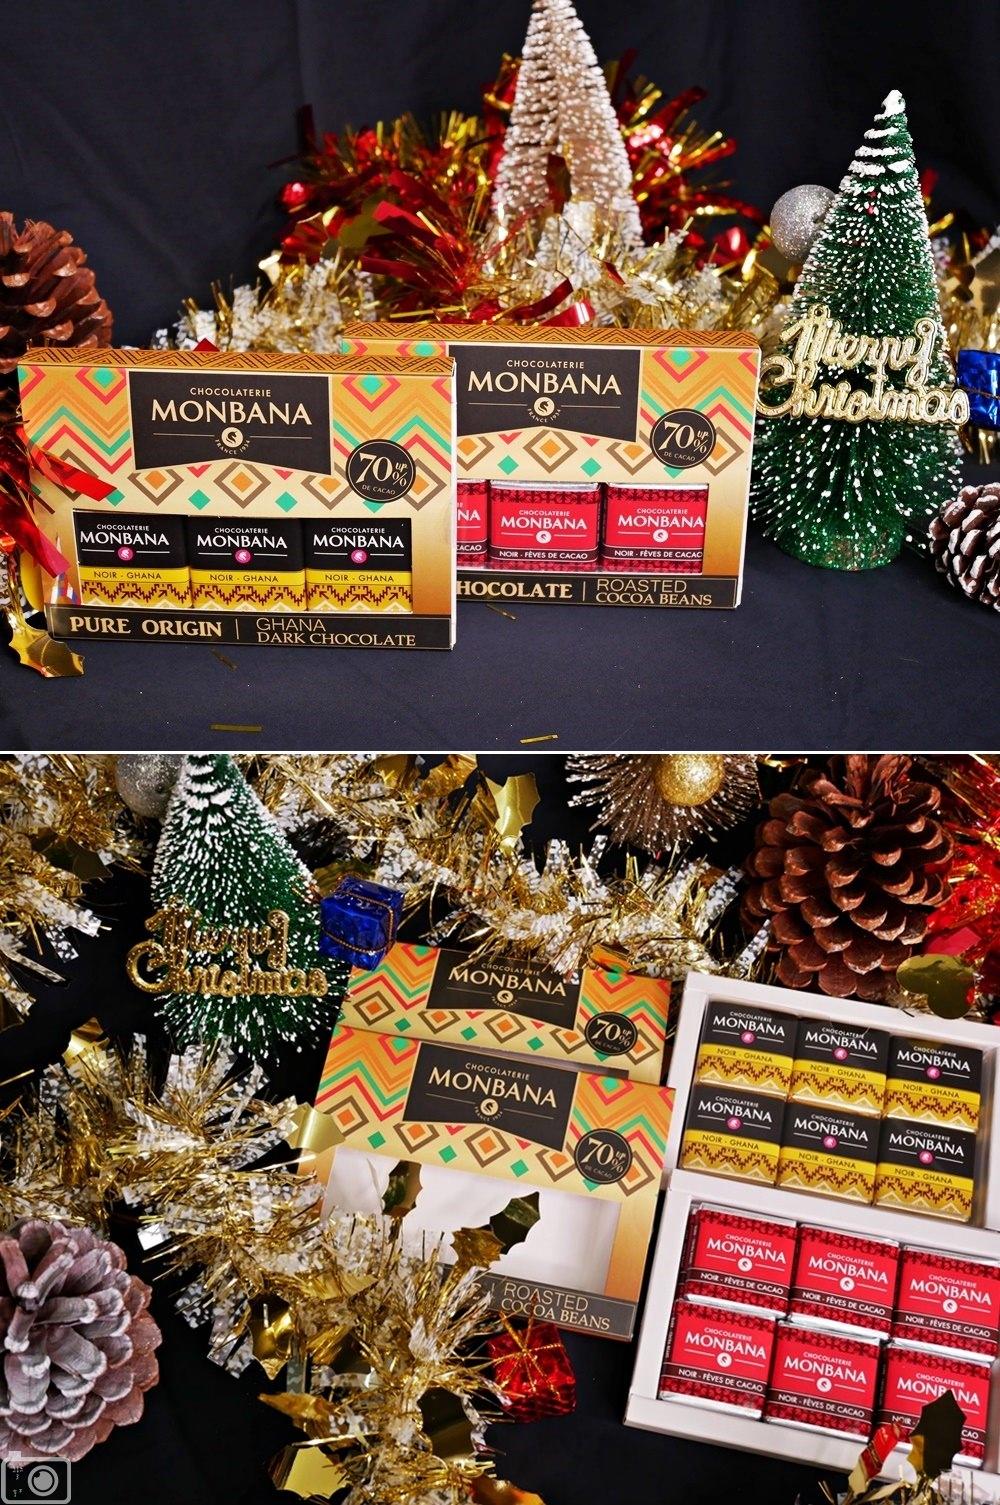 法國高級巧克力品牌MONBANA